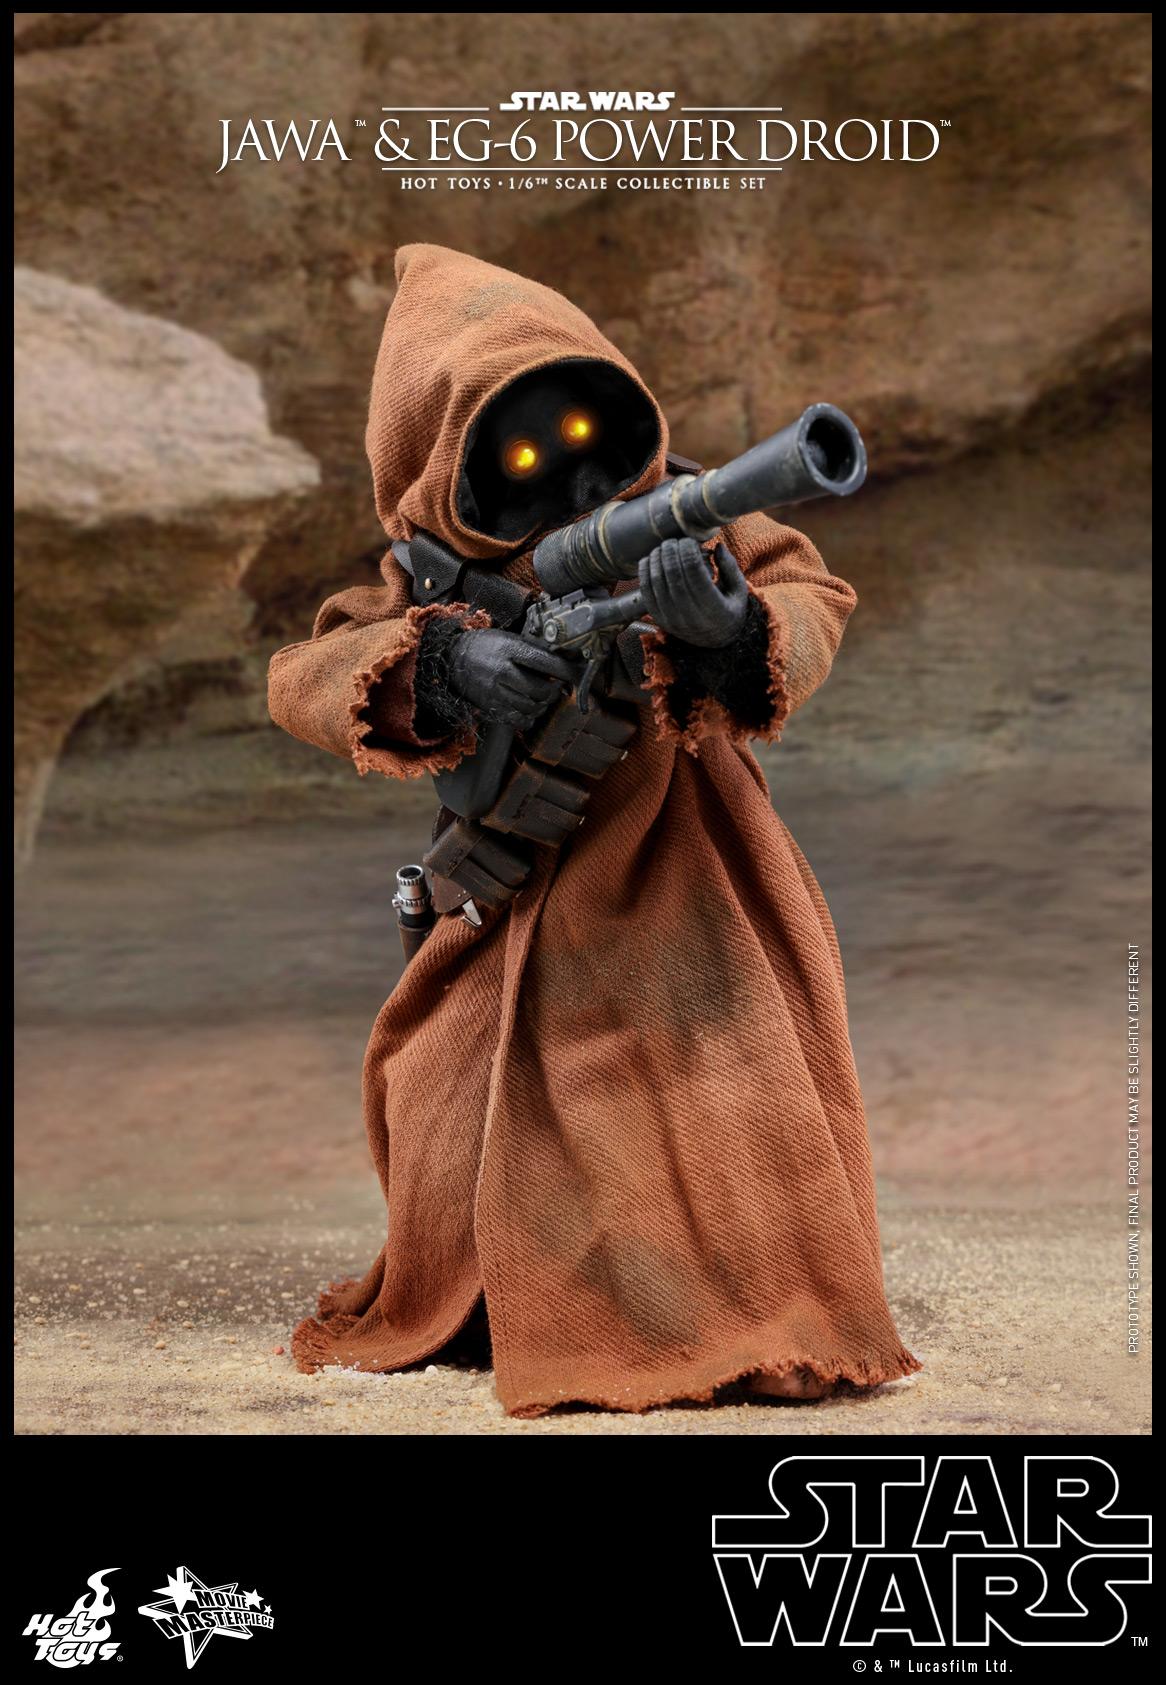 Hot Toys - Star Wars Epi 4 - Jawa & EG-6 Power Droid - PR3